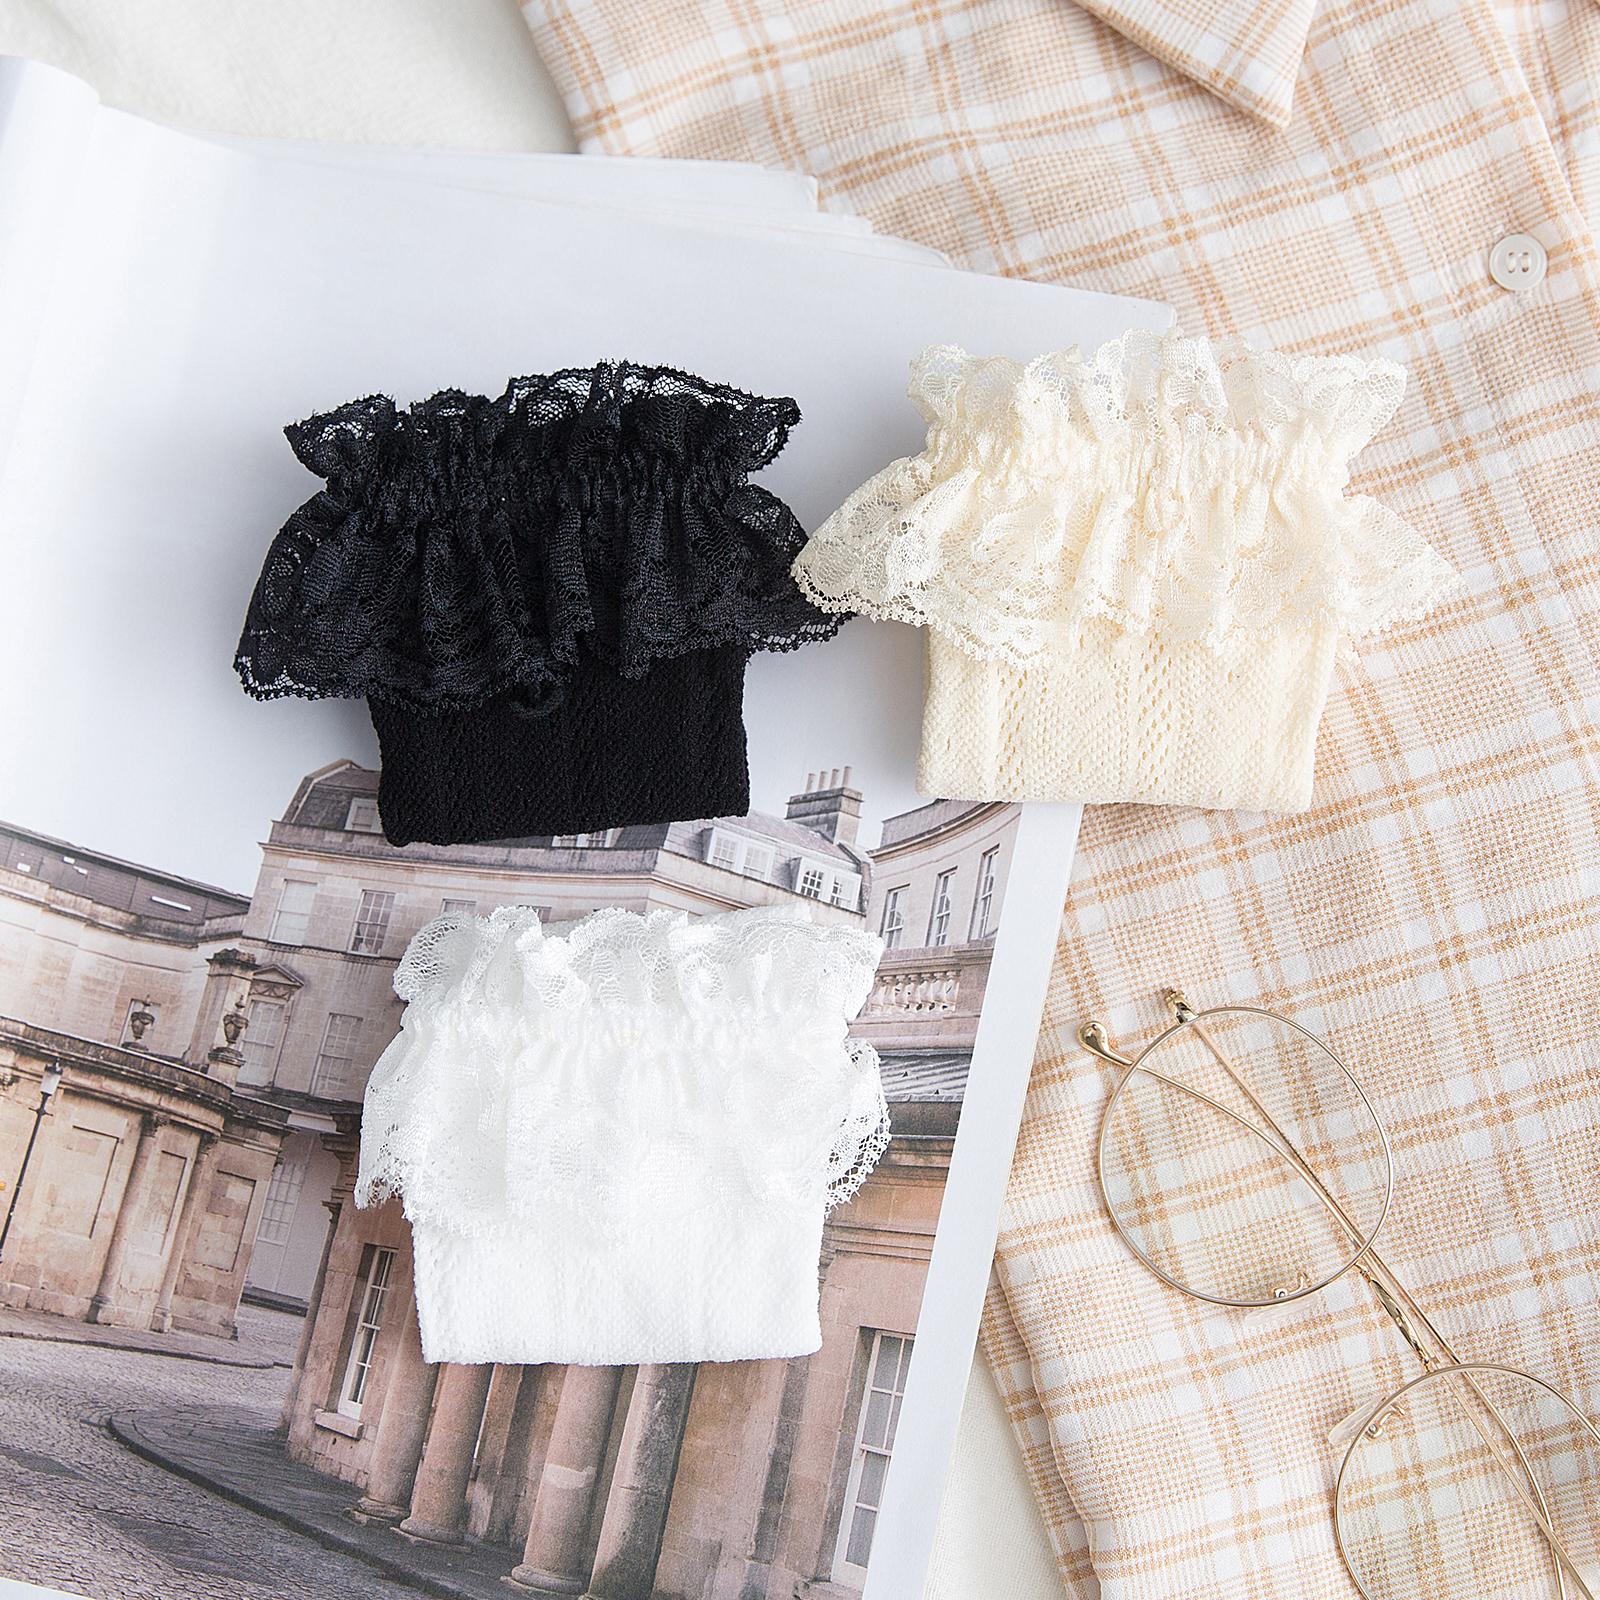 黑色蕾丝洛丽塔袜子女长筒袜日系lolita中筒薄款夏白色花边堆堆袜